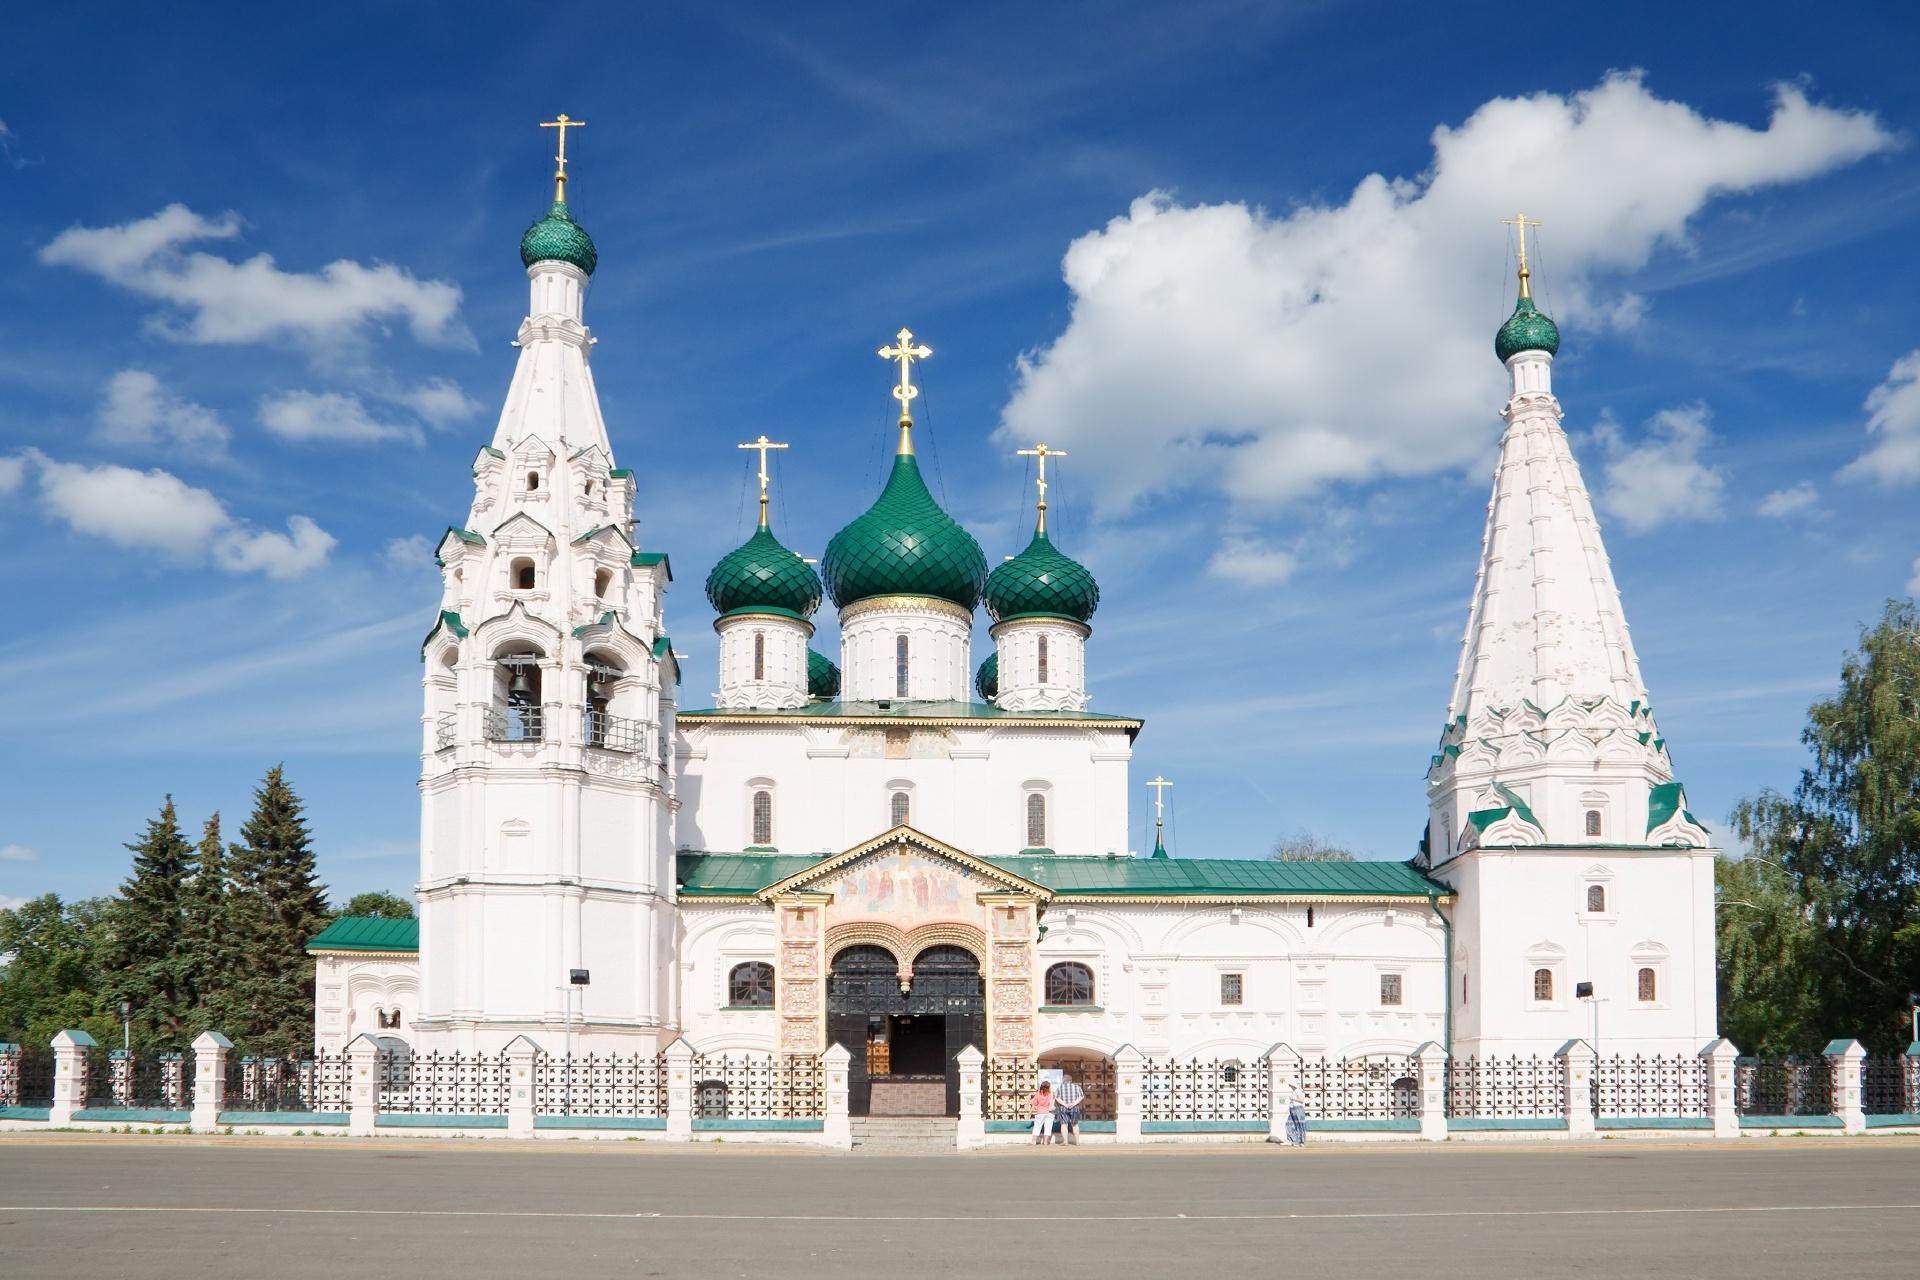 ヤロスラブリの預言者イリヤ聖堂 ロシアの風景